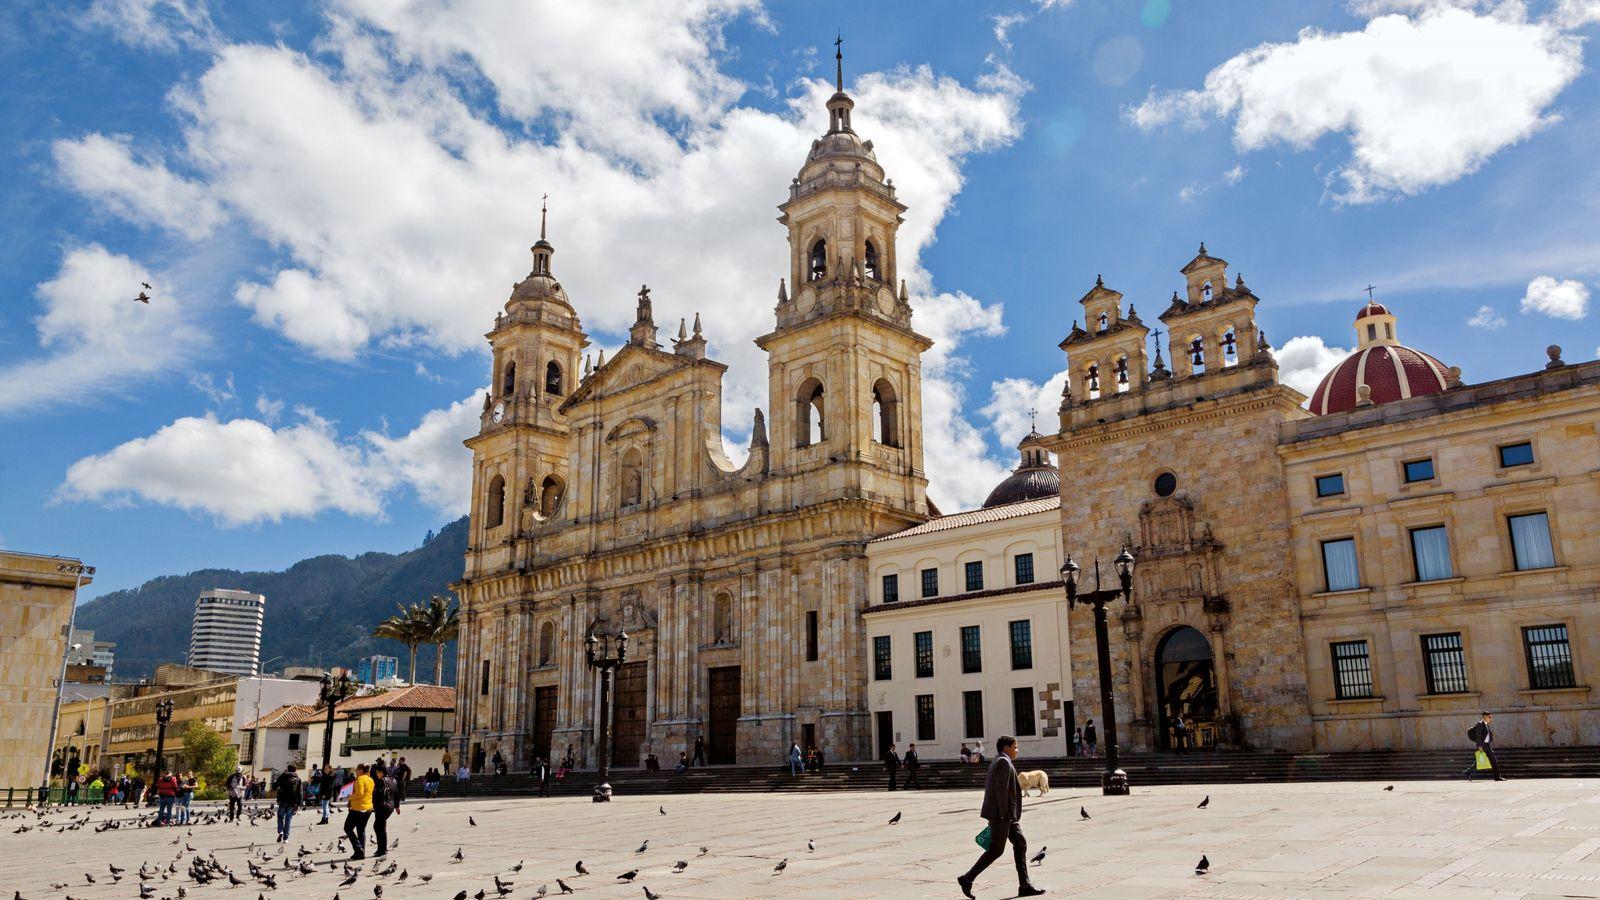 La cathédrale de l'Immaculée Conception domine la place centrale de Bogotá.